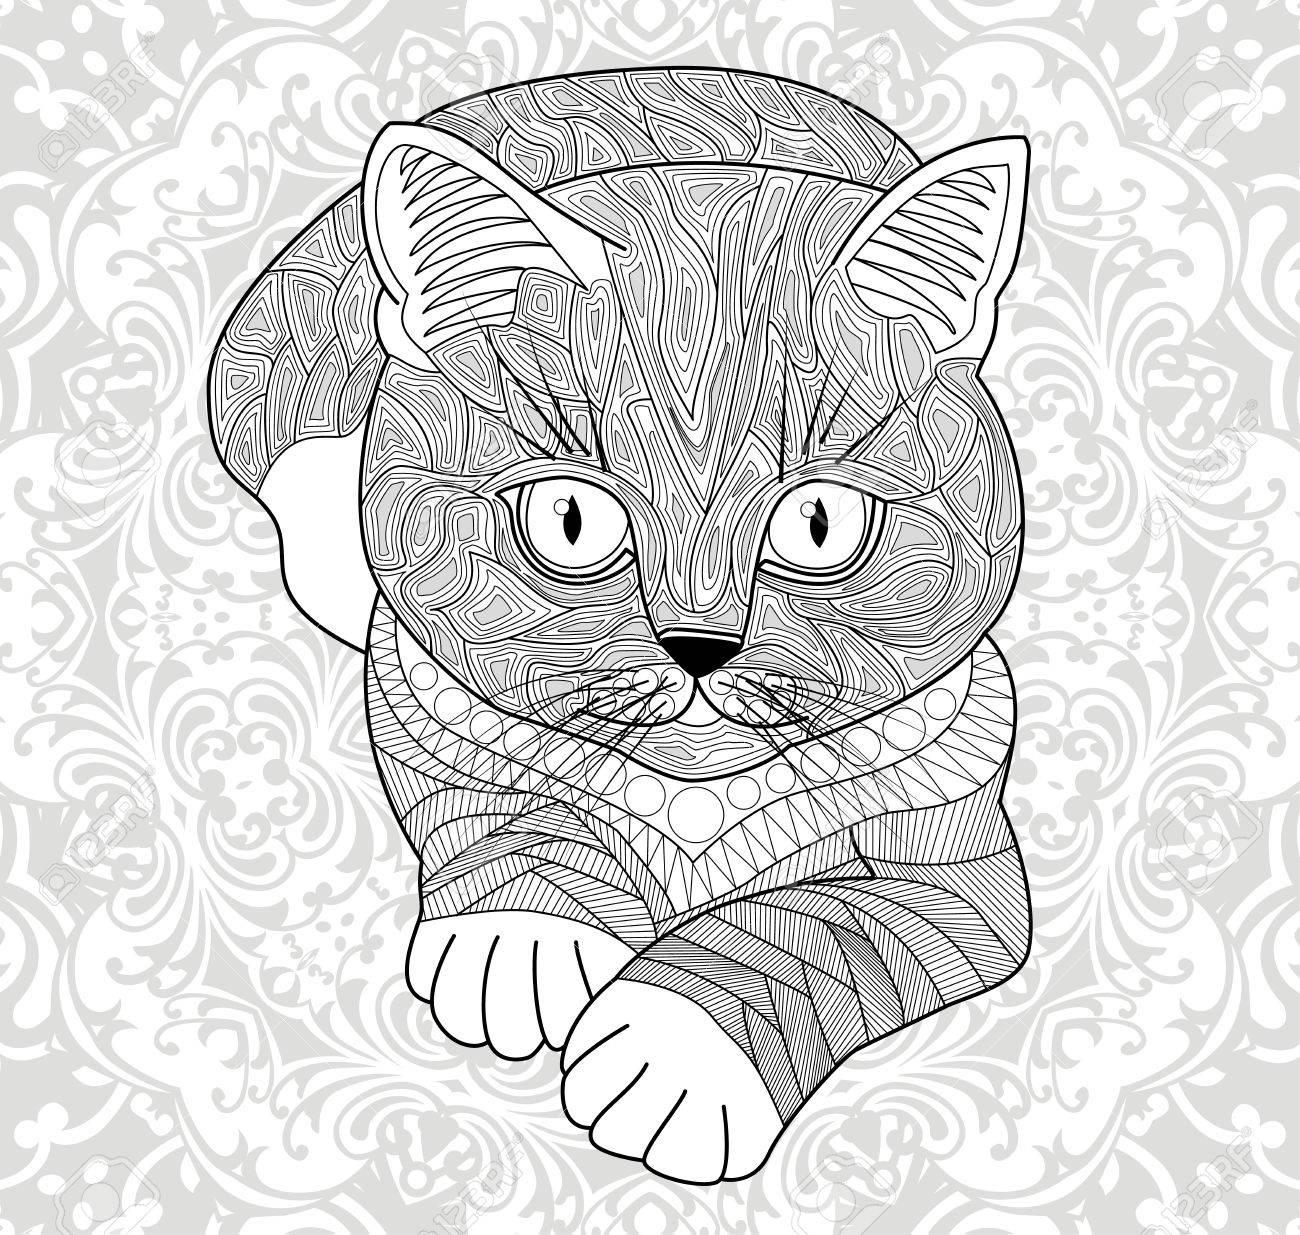 Plinth für T-Shirts, Vektor. Malvorlagen für Erwachsene, Anti-Stress-Hand  gemalt Katze mit Stammes-Muster. Abstrakte Mandala Blume.